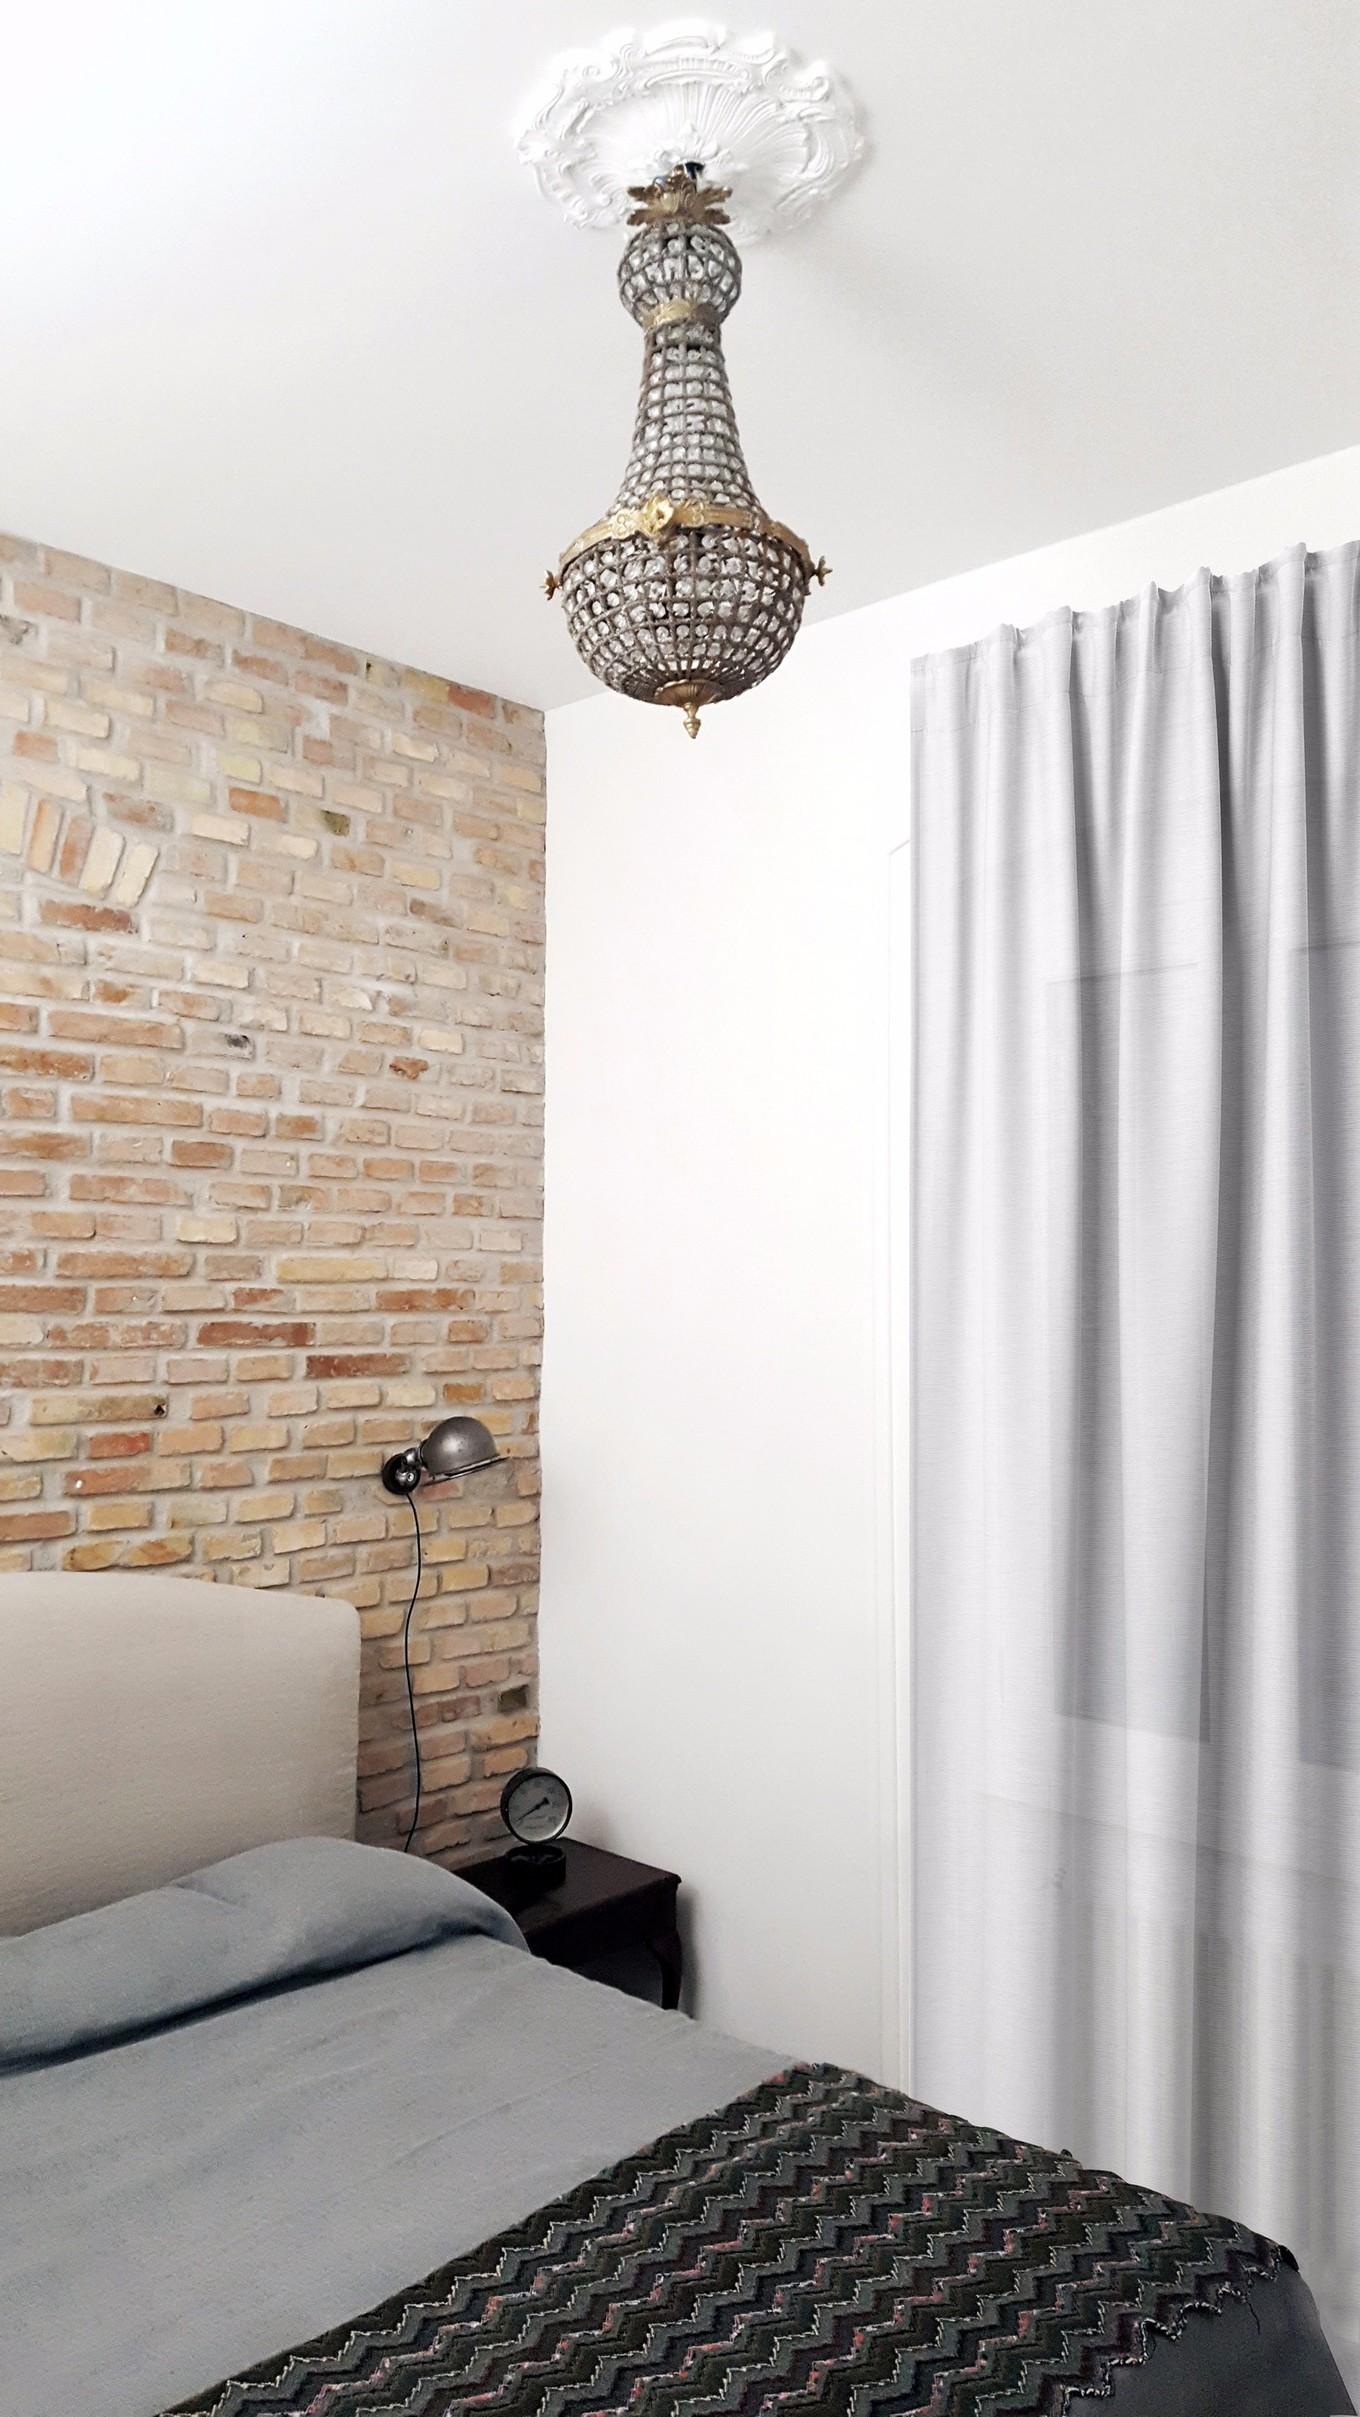 Квартира в здании начала ХХ века в Риме